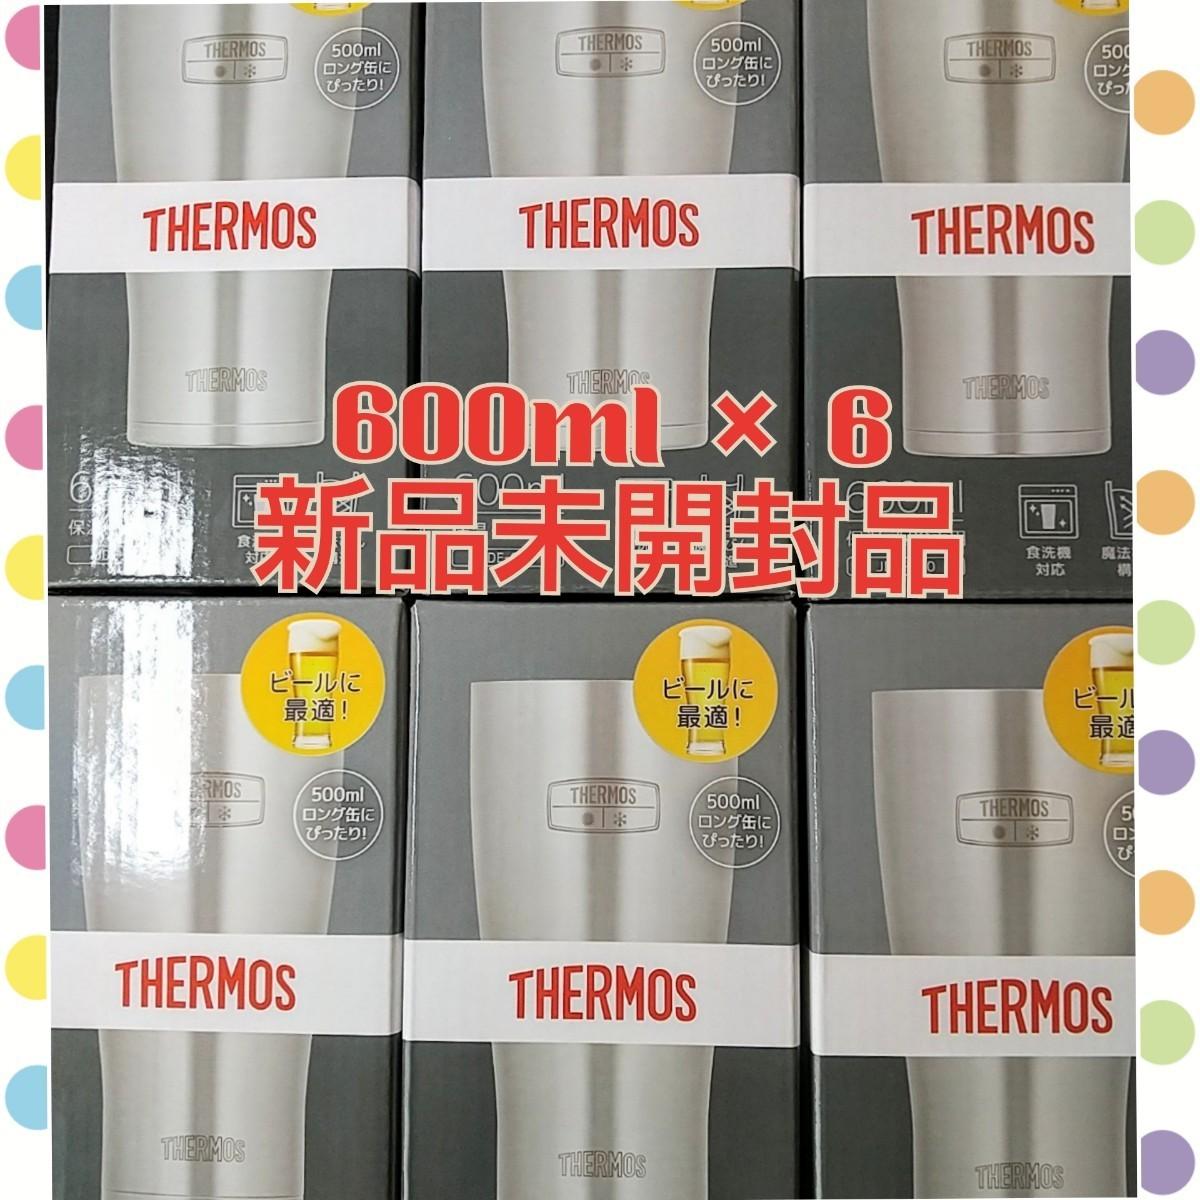 新品* サーモス 真空断熱タンブラー THERMOS 保温保冷両用600ml6個